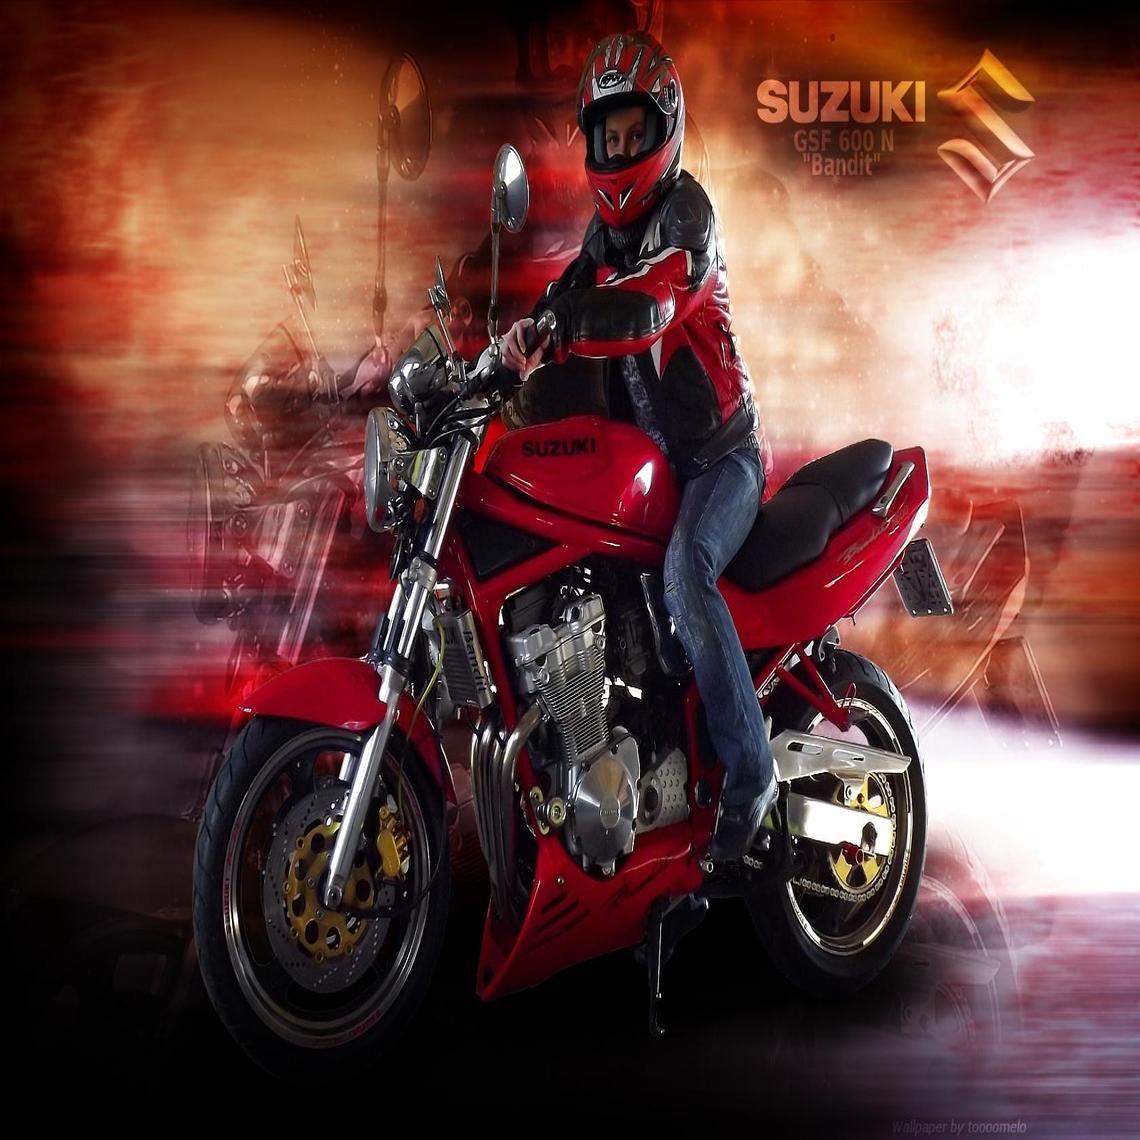 Suzuki GSF 600 N Bandit